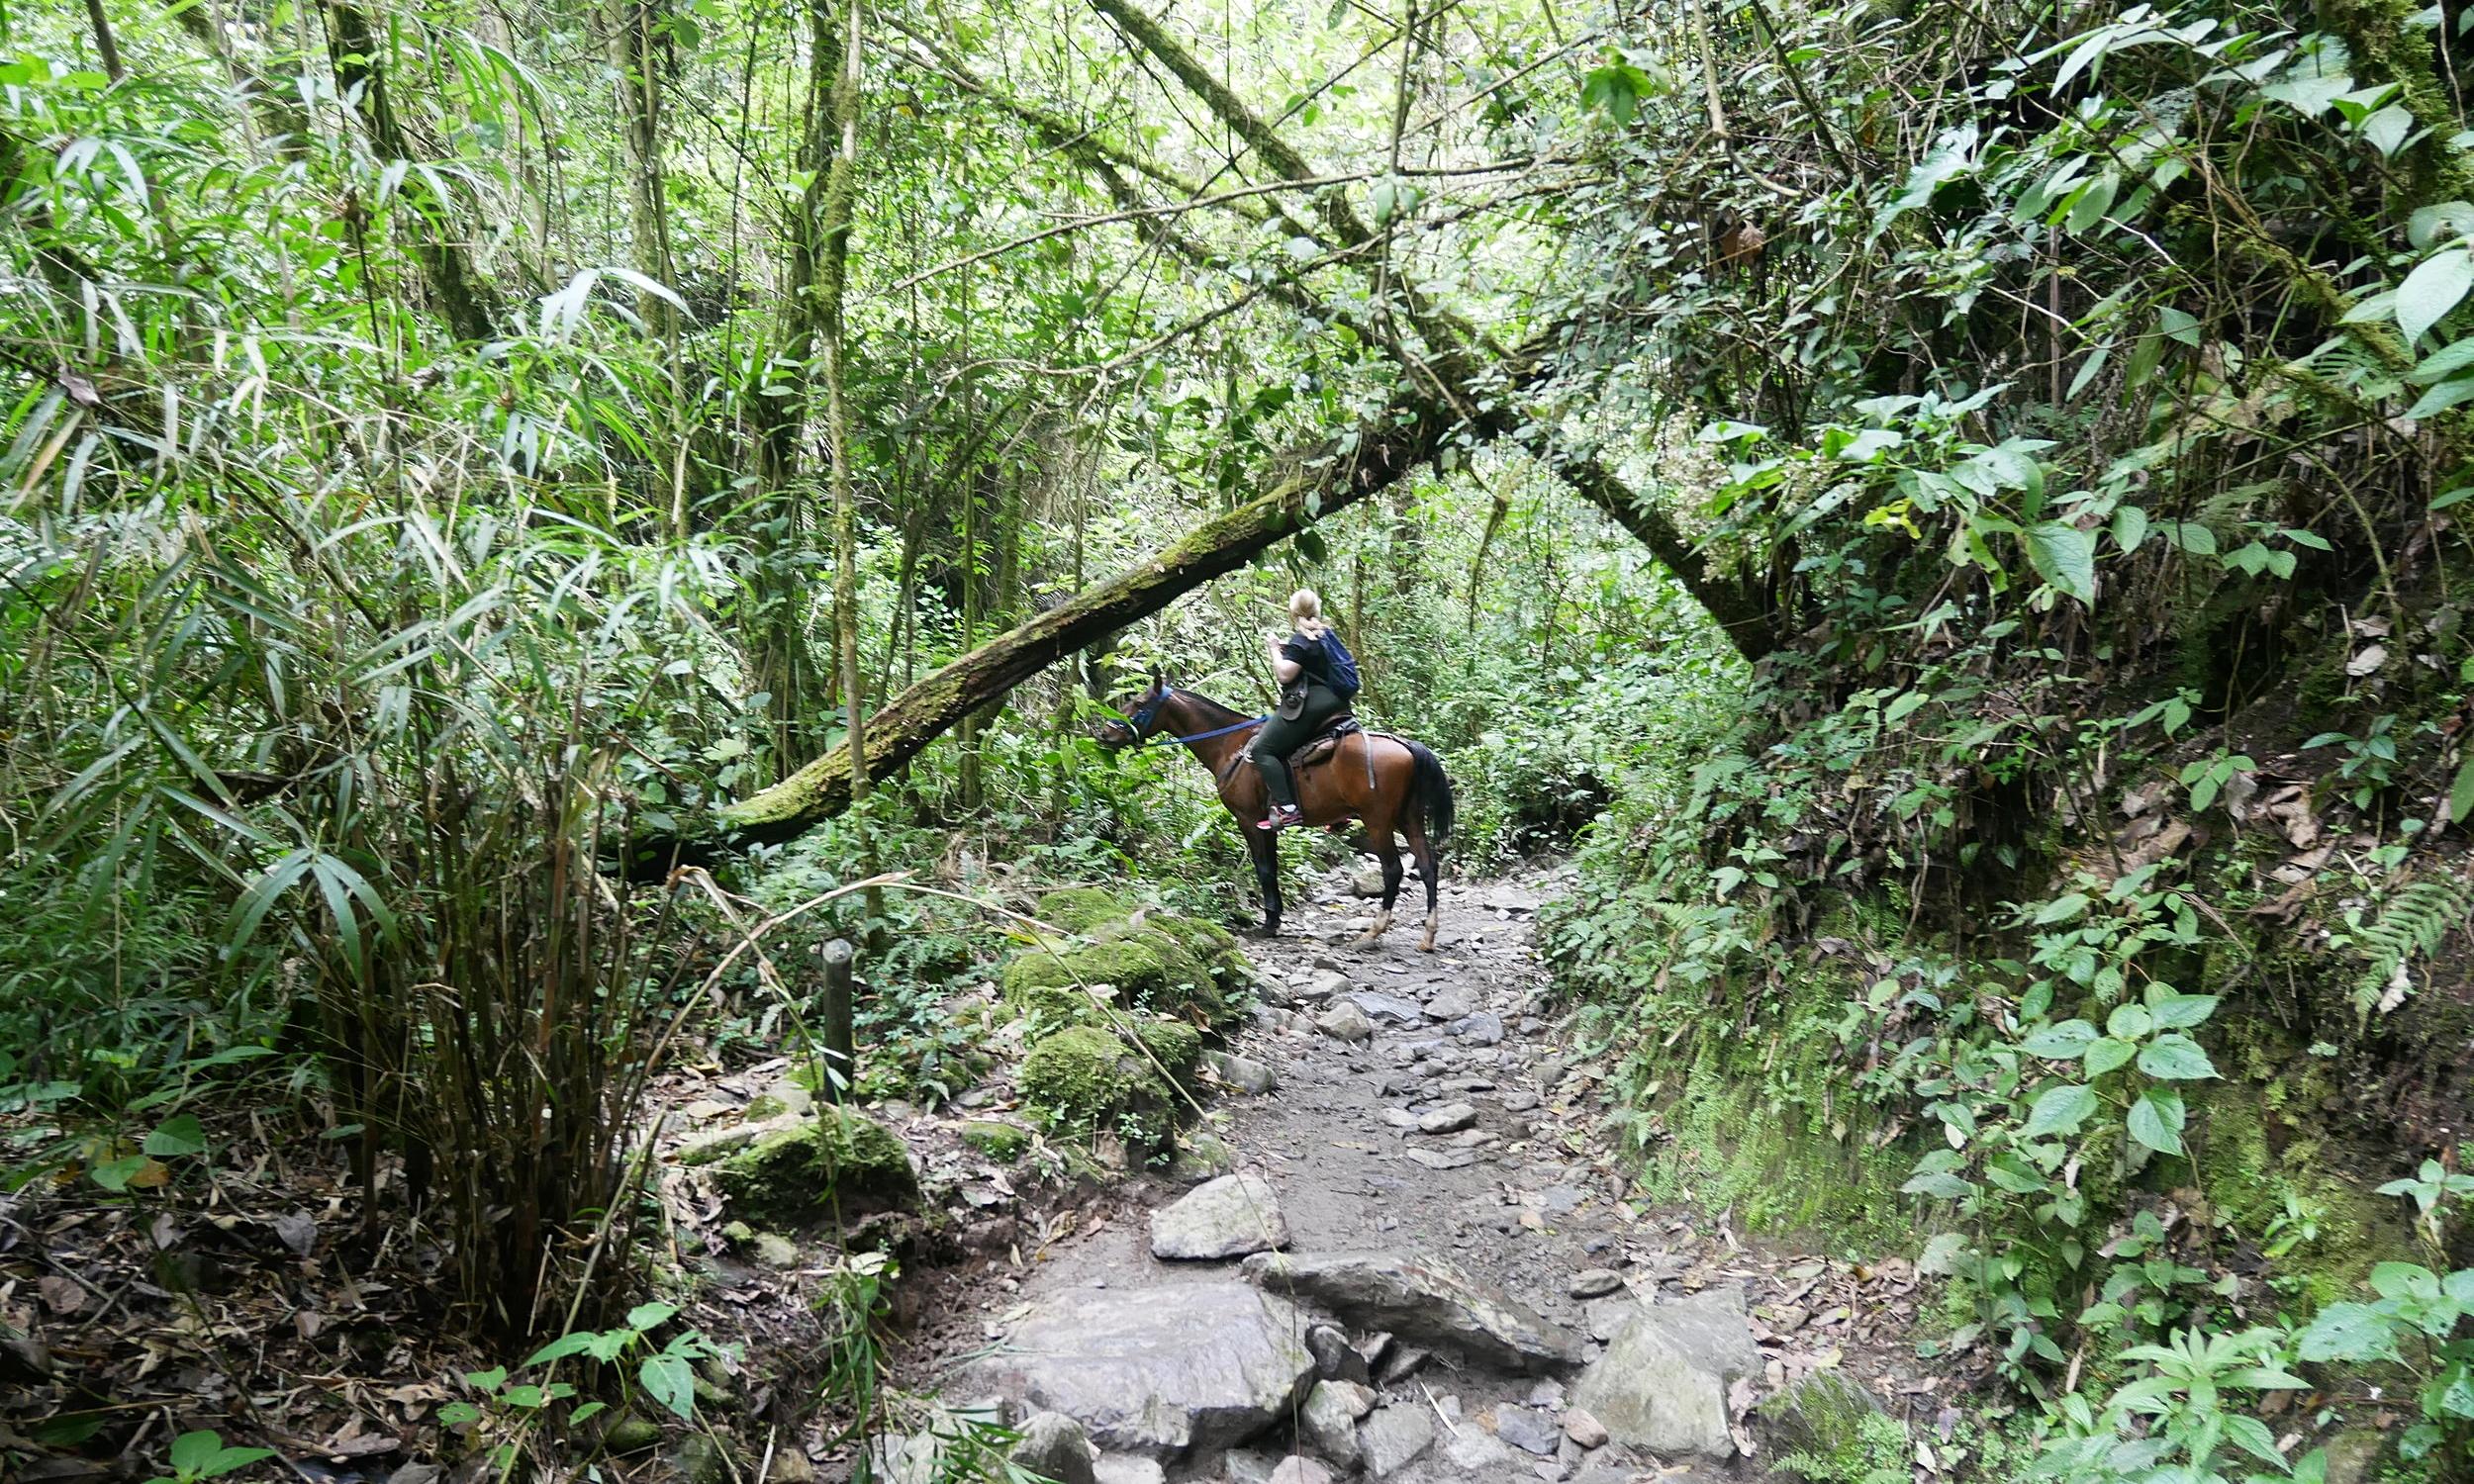 Horse riding through the Cocora Valley